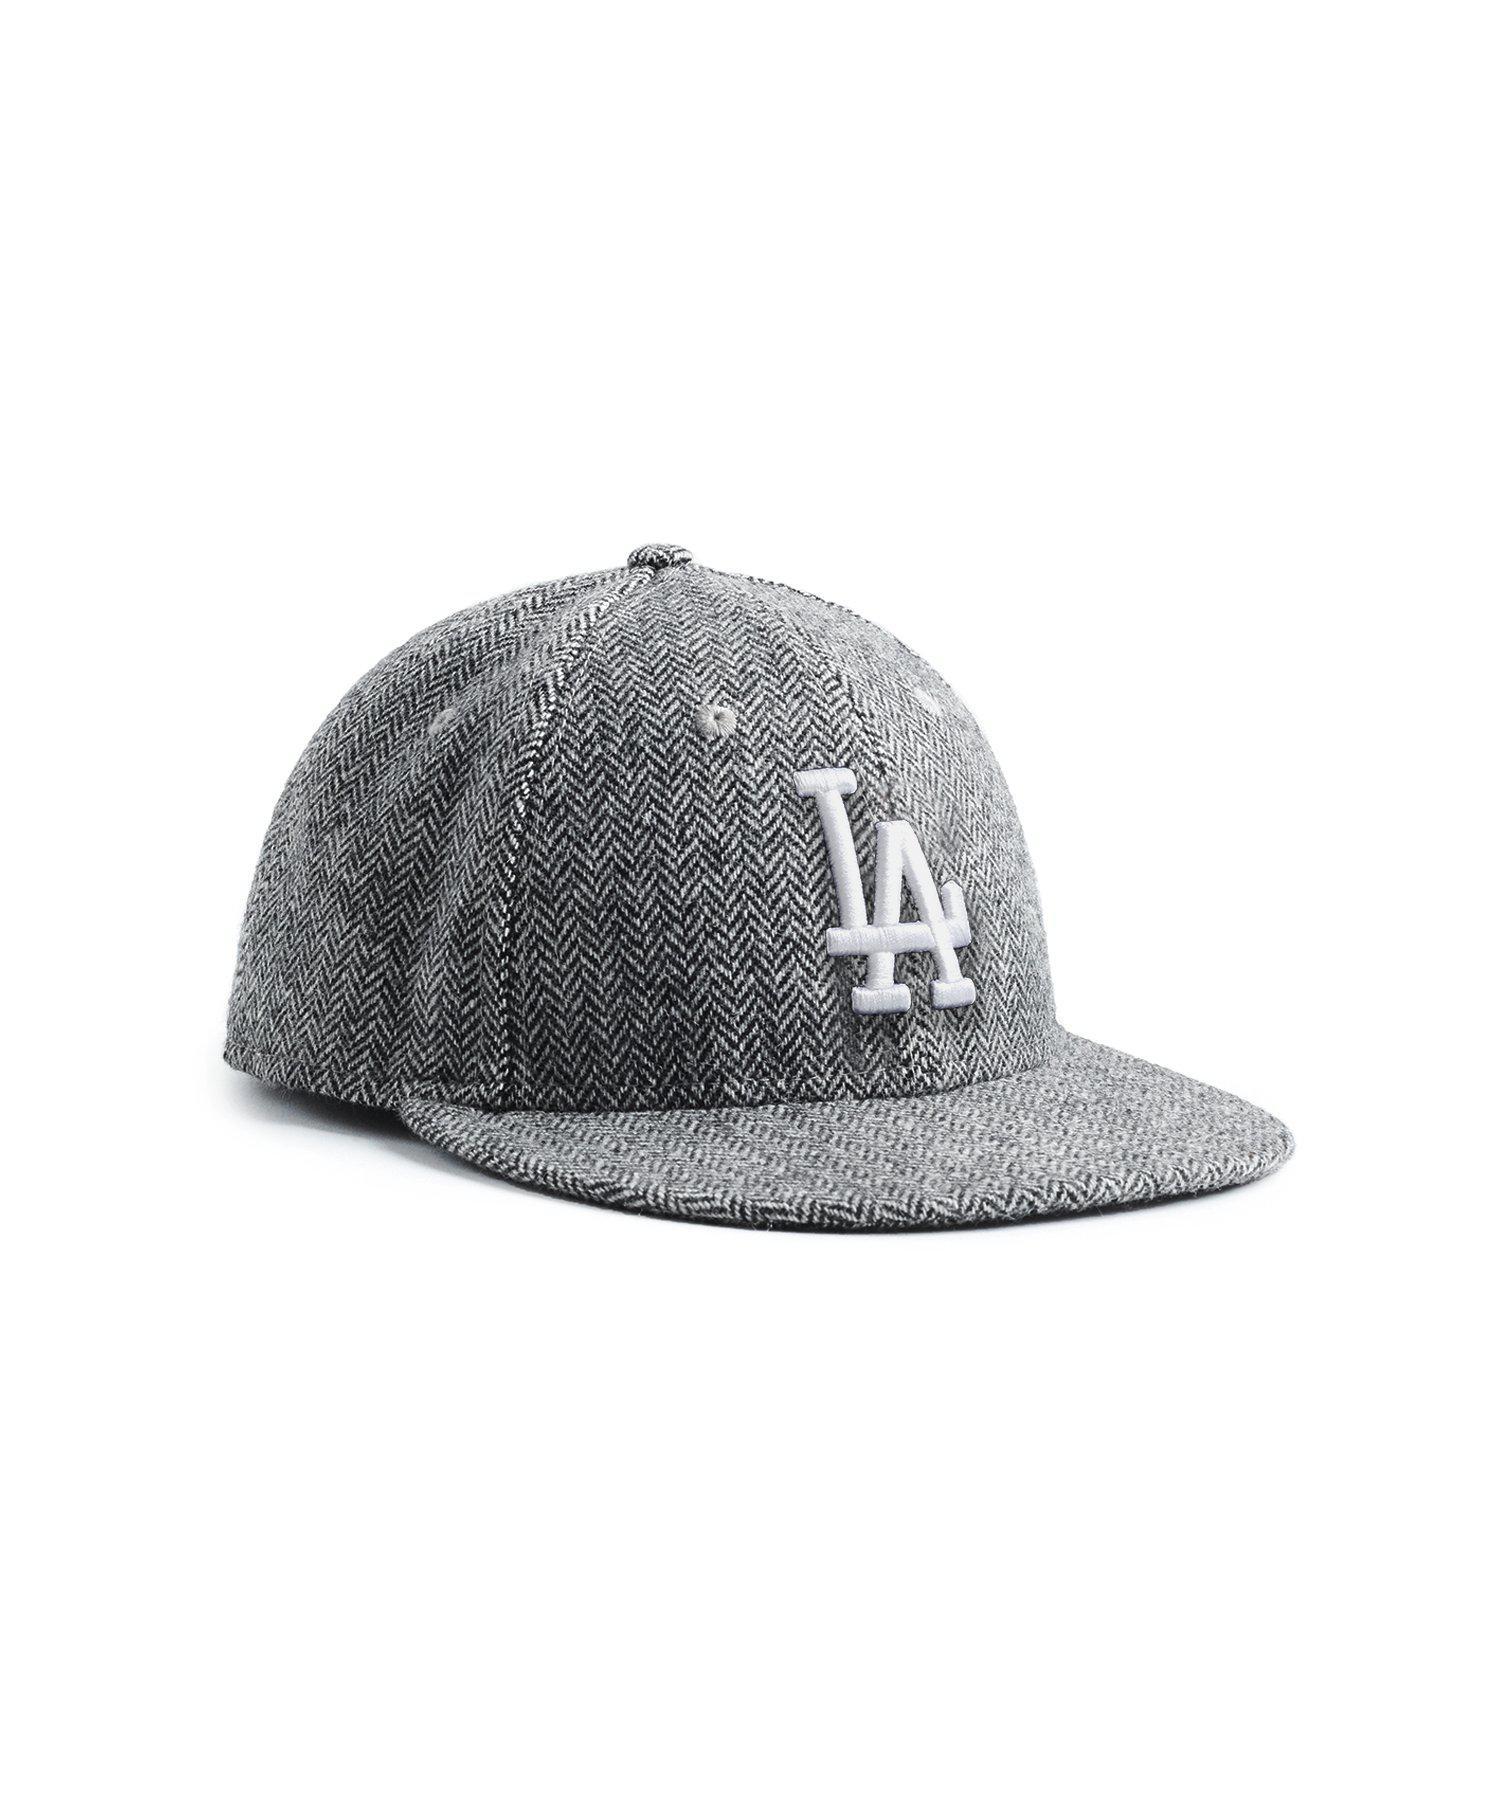 c62ab3fe NEW ERA HATS Exclusive New Era La Dodgers Hat In Abraham Moon ...